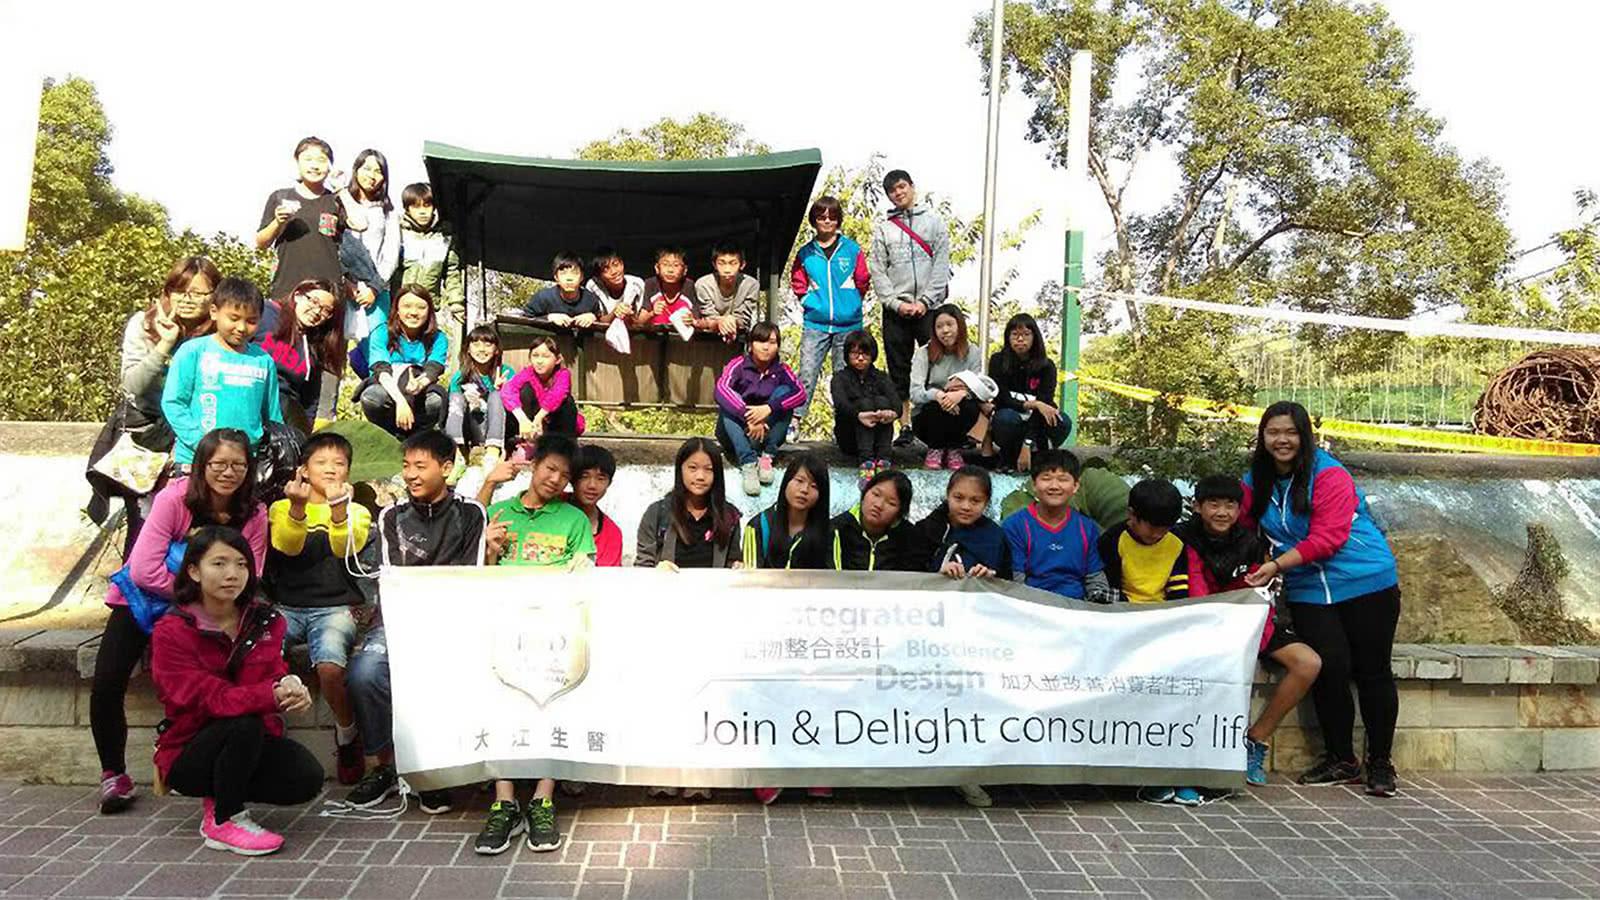 2015年 TCI 大江生醫 台中人文科學營 向陽協會